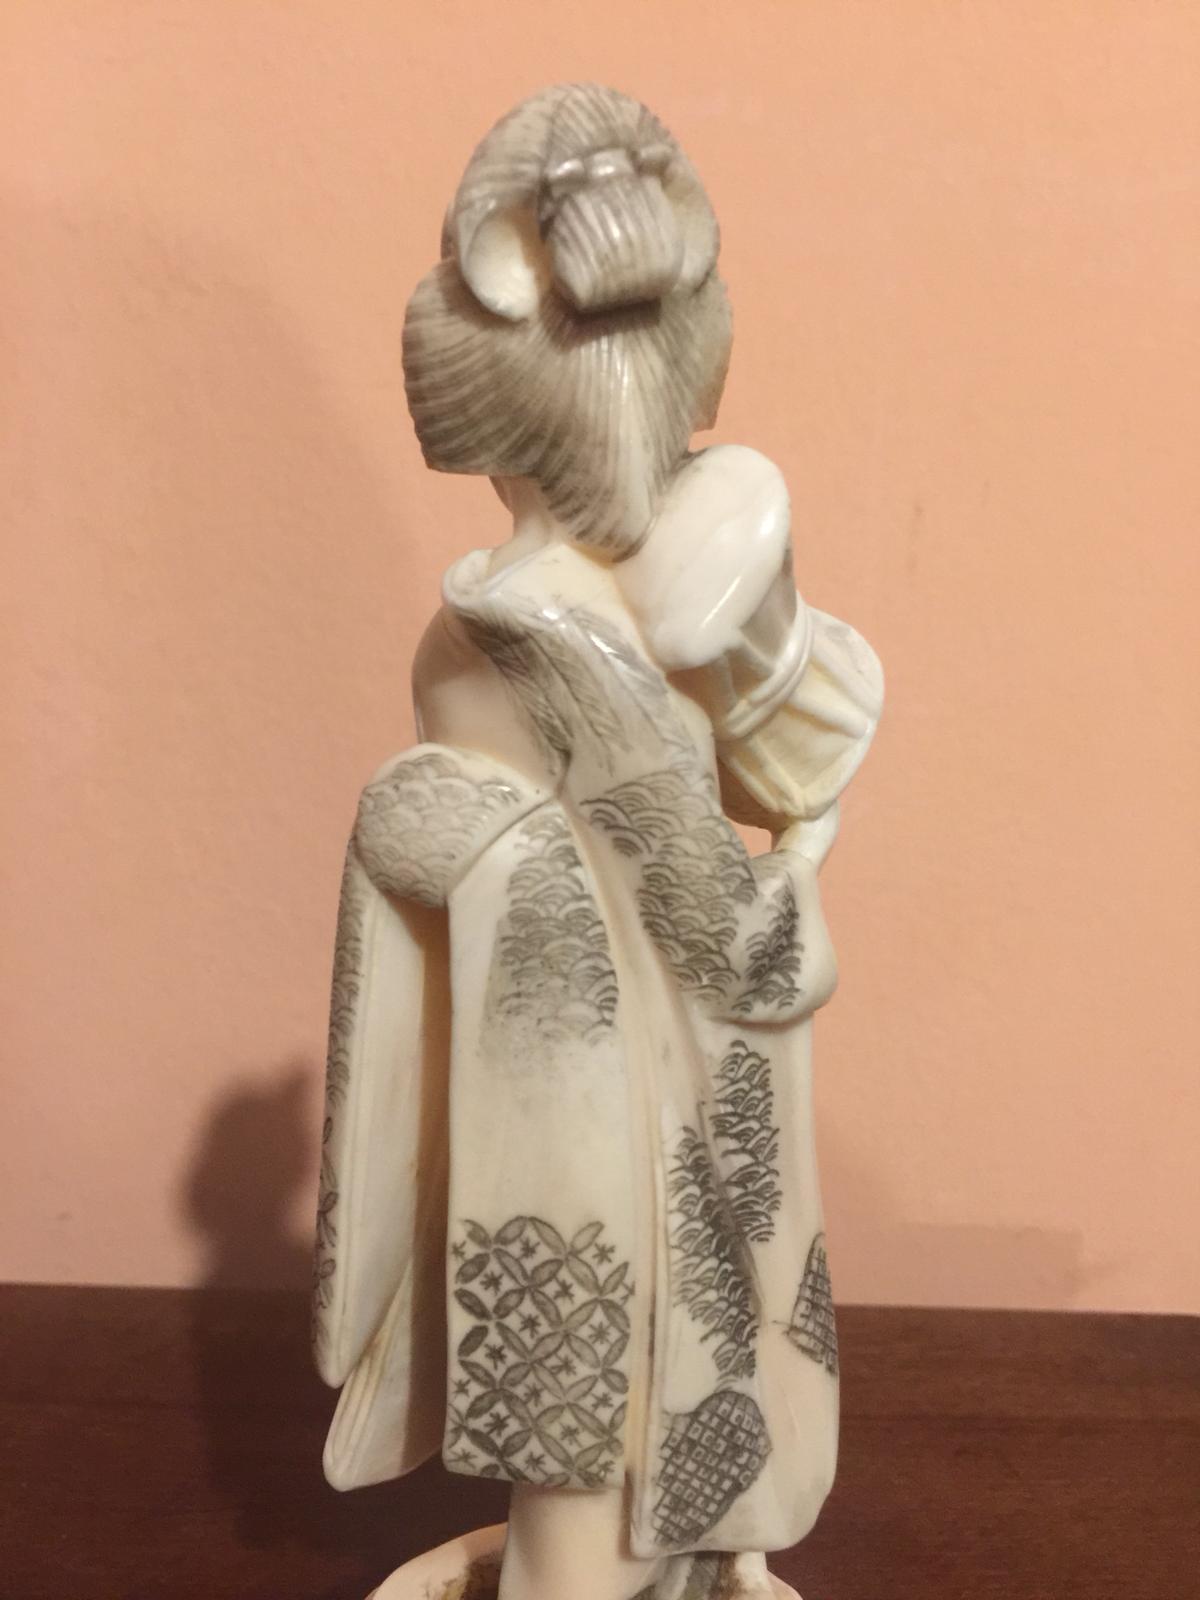 thumb5|Statuetta in avorio raffigurante donna orientale